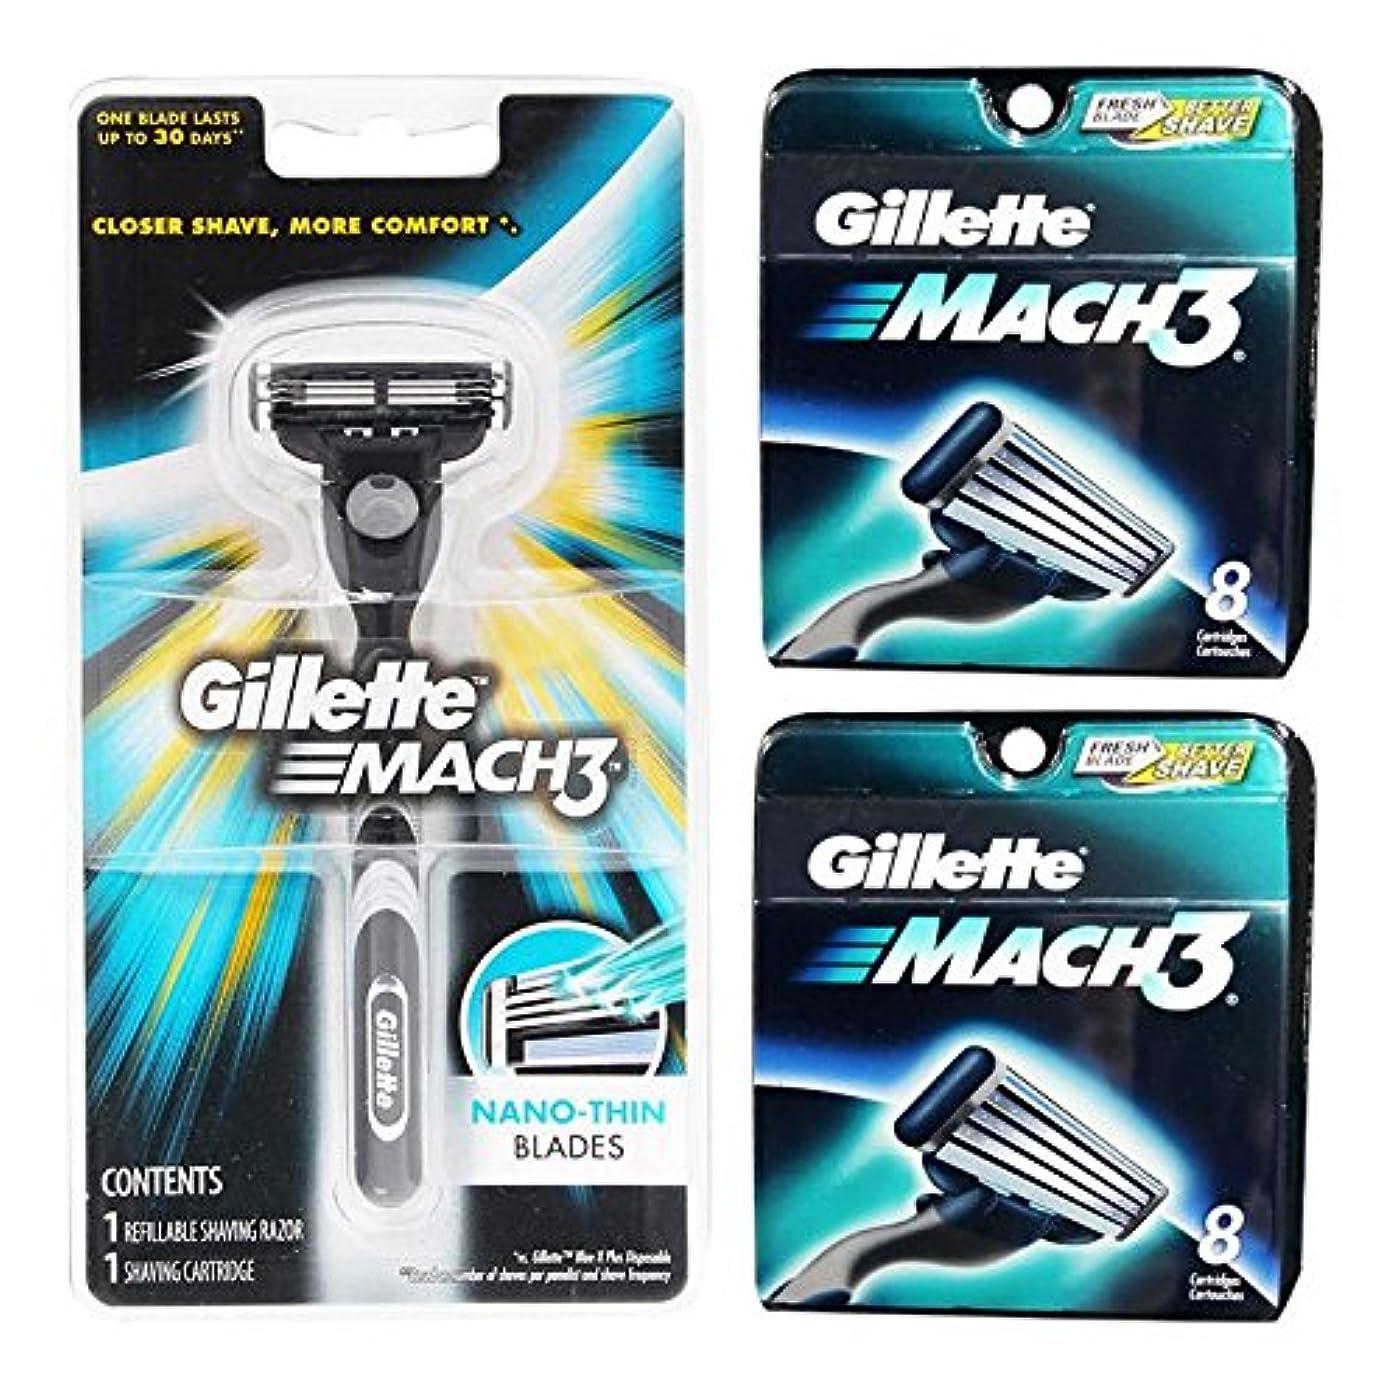 出発形容詞手当Gillette MACH3 1 Razor + 16 Cartridges Refills Blade ダイヤモンドのようなコートド [並行輸入品]